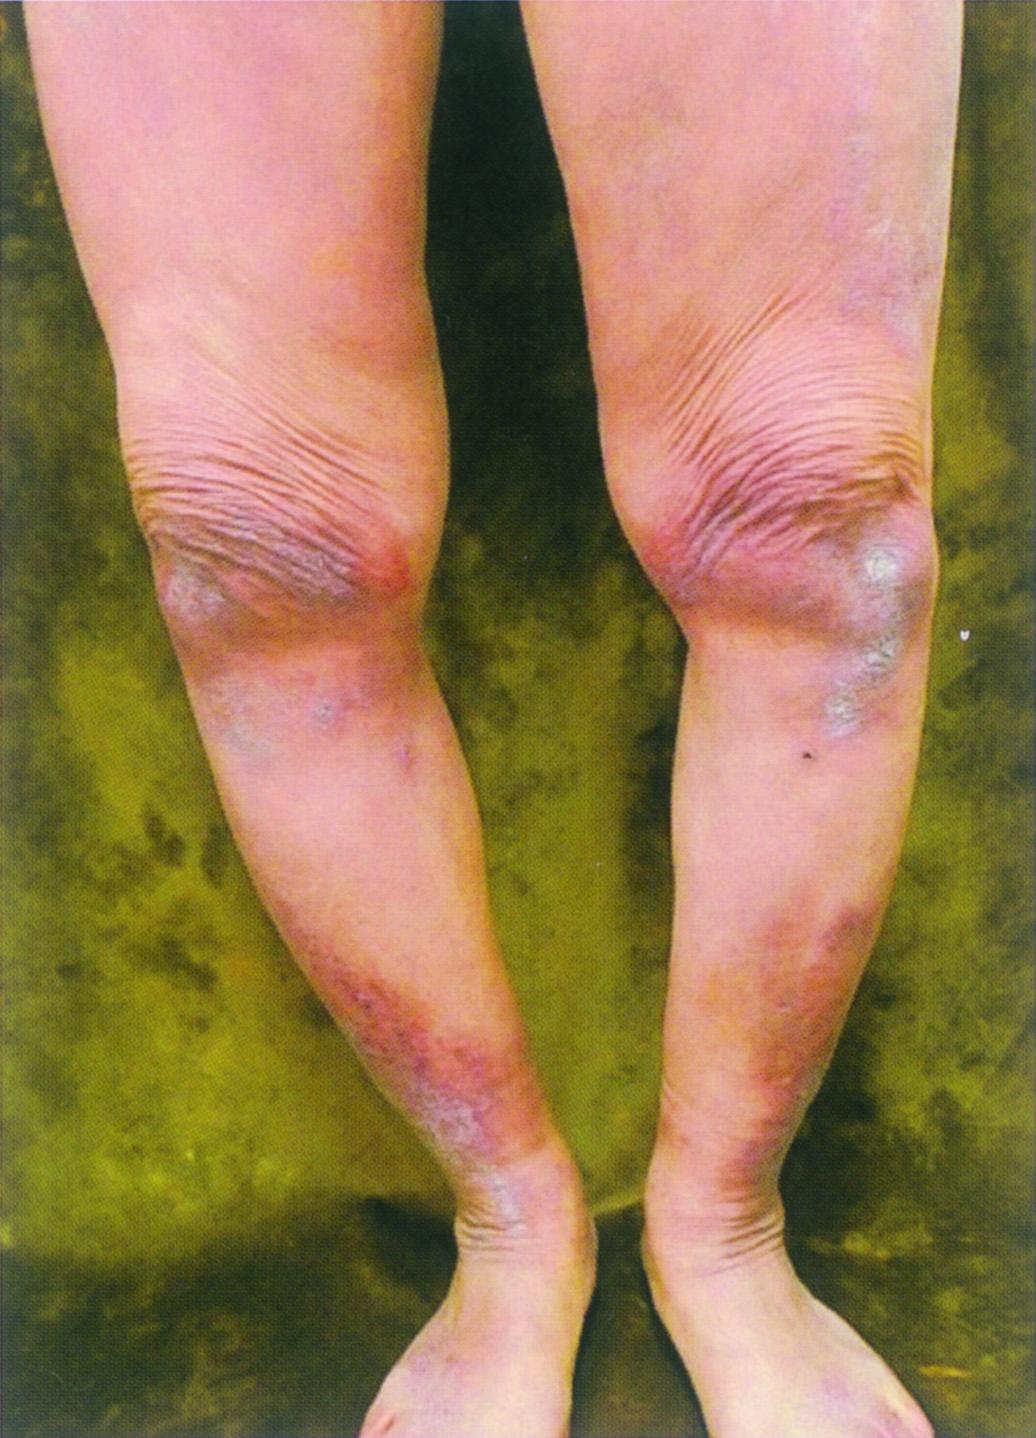 皮膚筋炎についてもう一度勉強し直そう〜前編〜   Dr.渡ブログ 部屋とY ...